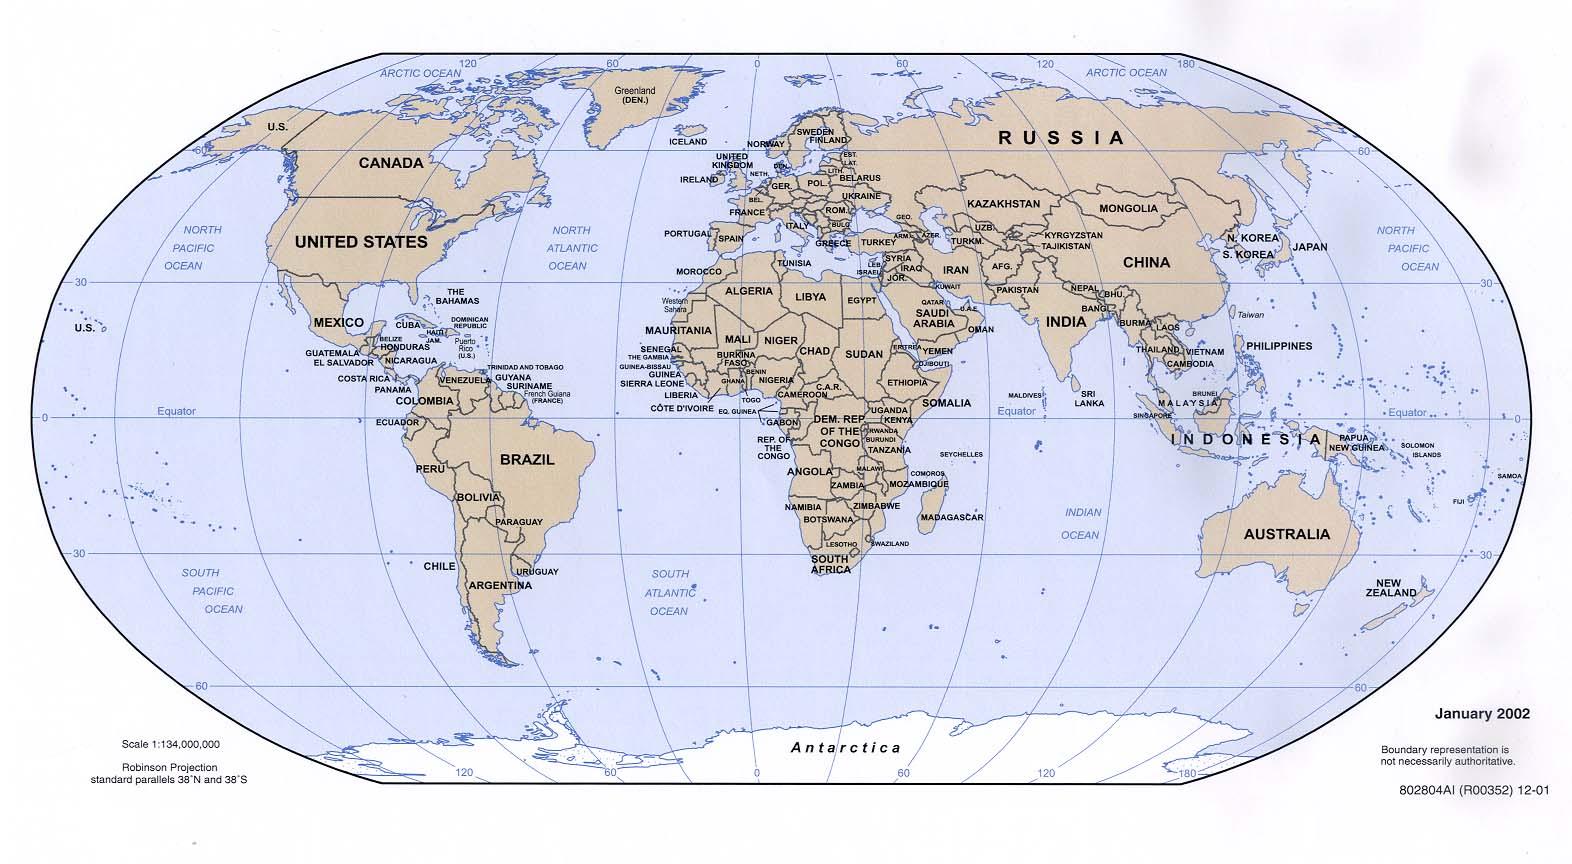 Karte Anzeigen.Weltkarte Politische Karte Weltkarte Com Karten Und